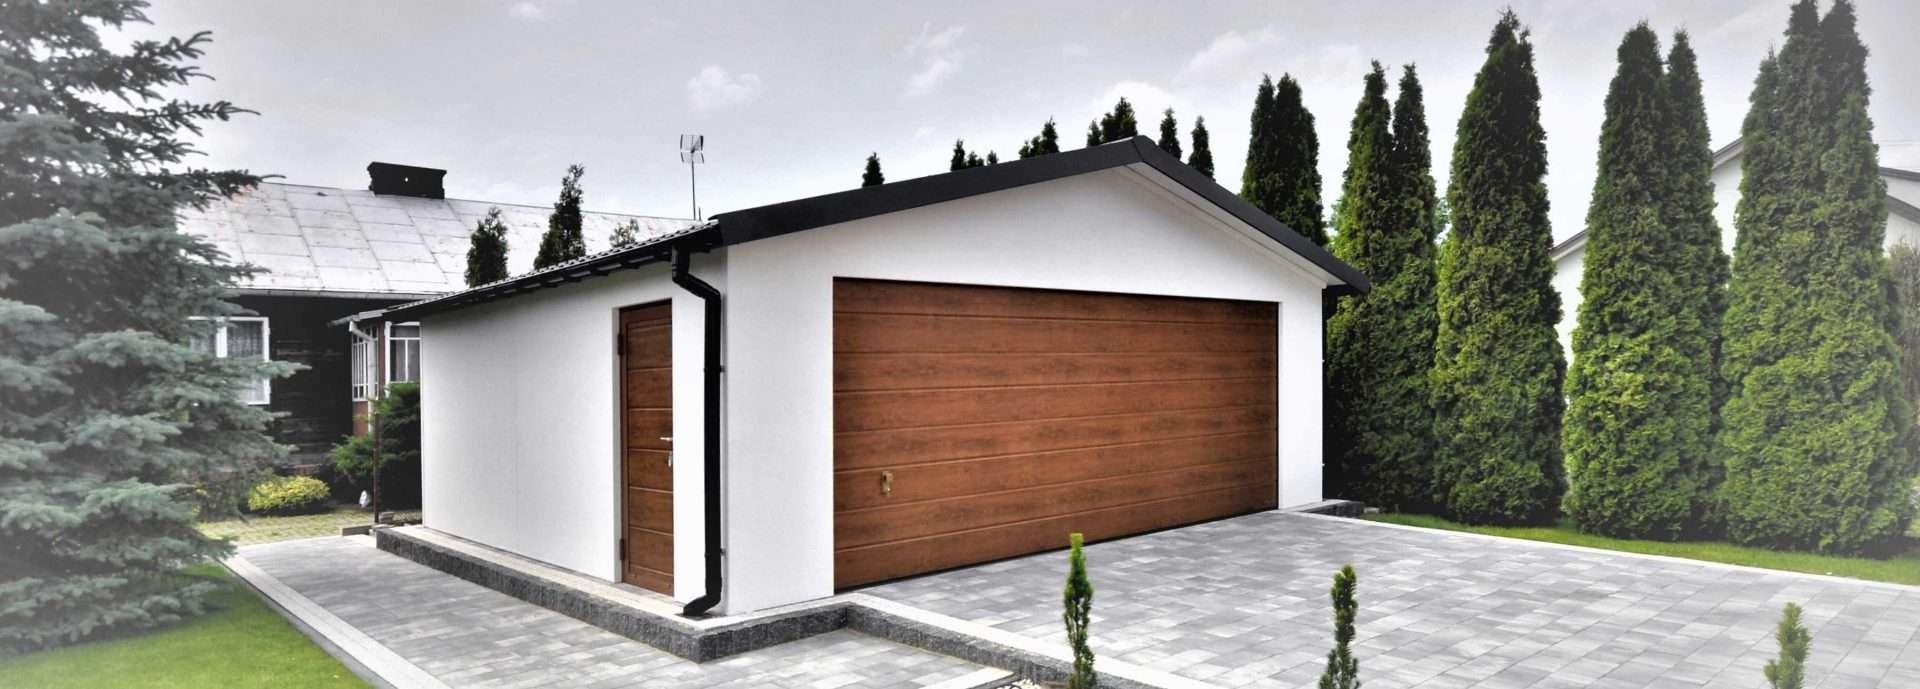 Garaż wolnostojący tynkowany na biało dwuspadowy dach